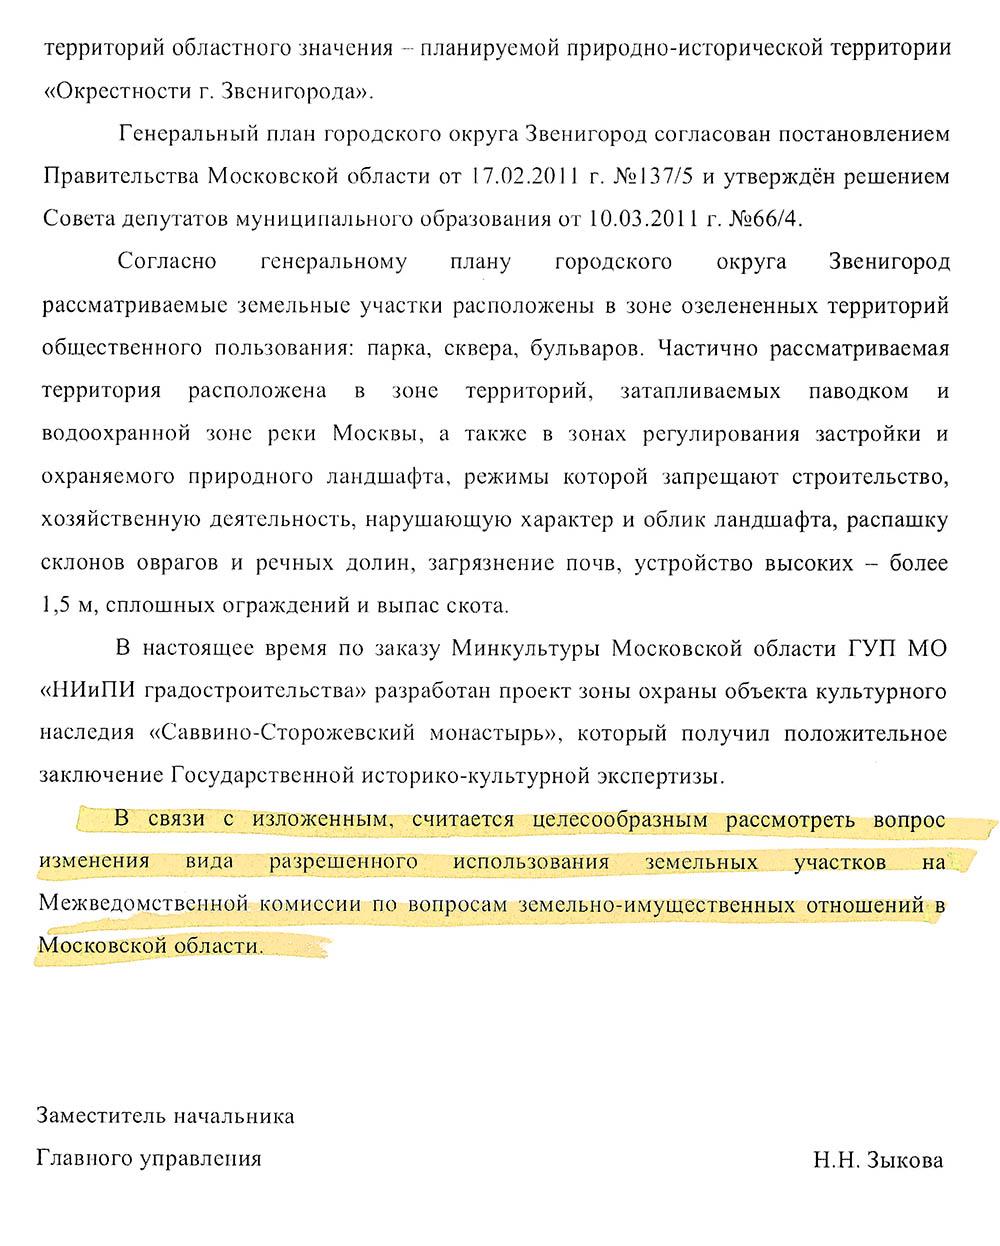 Зыкова-Соколовой2